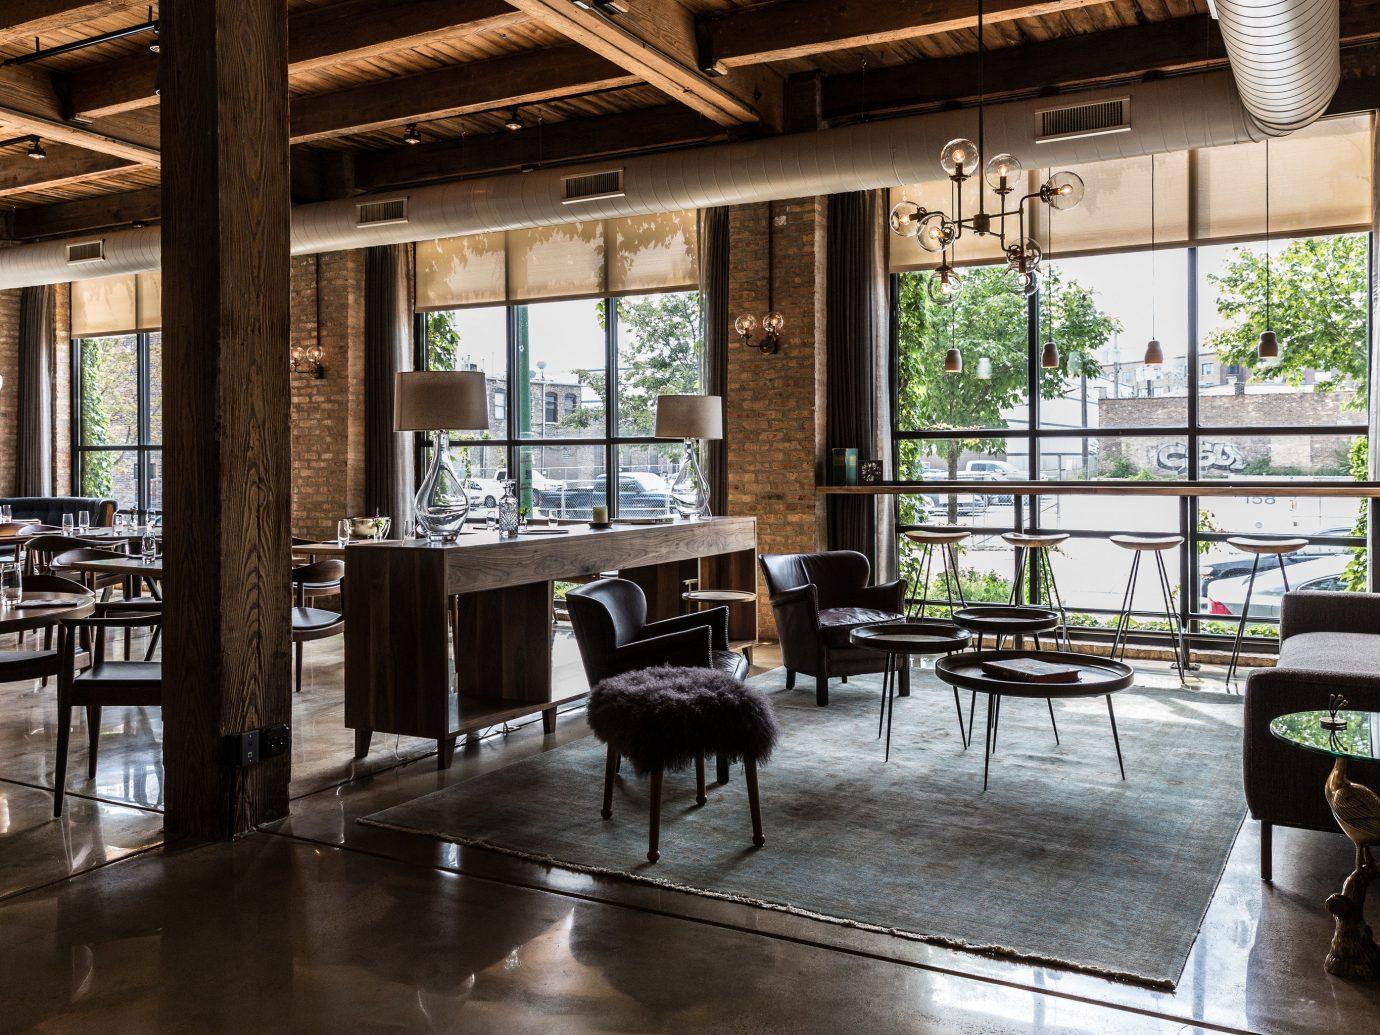 10 Best Restaurants In Chicago